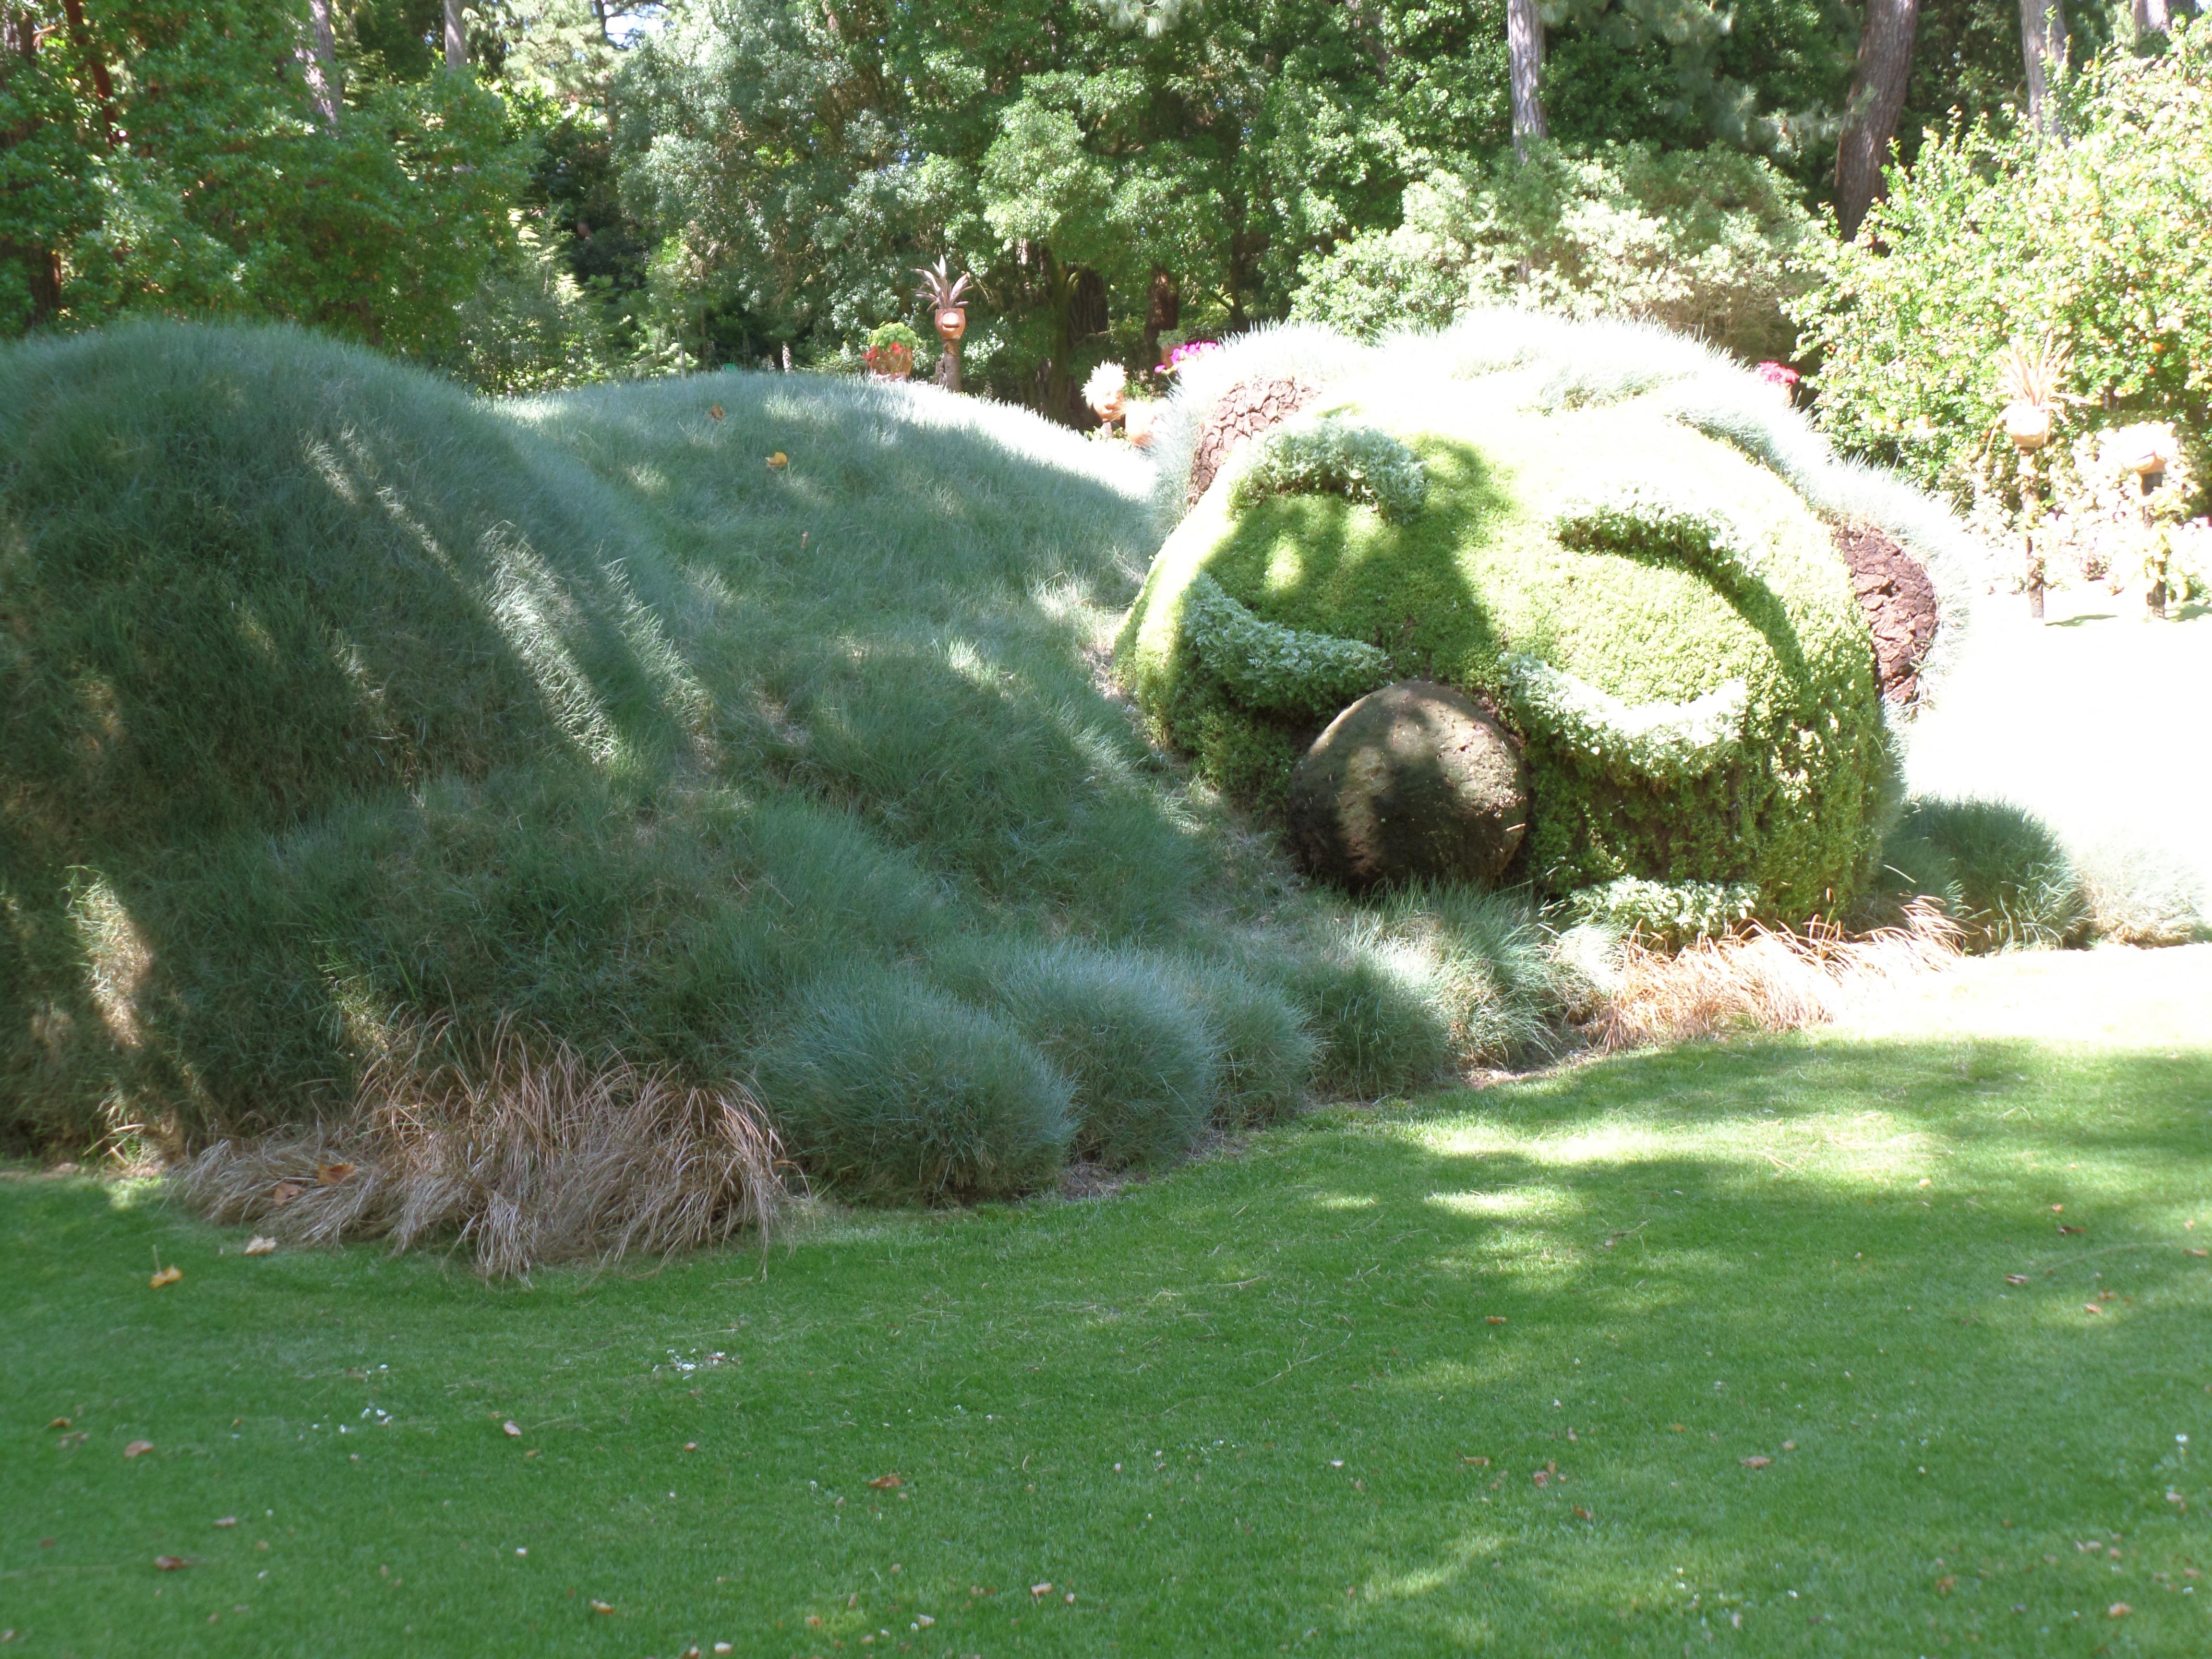 Le jardin des plantes ı Voyage à Nantes #2 - Aurora Borealis